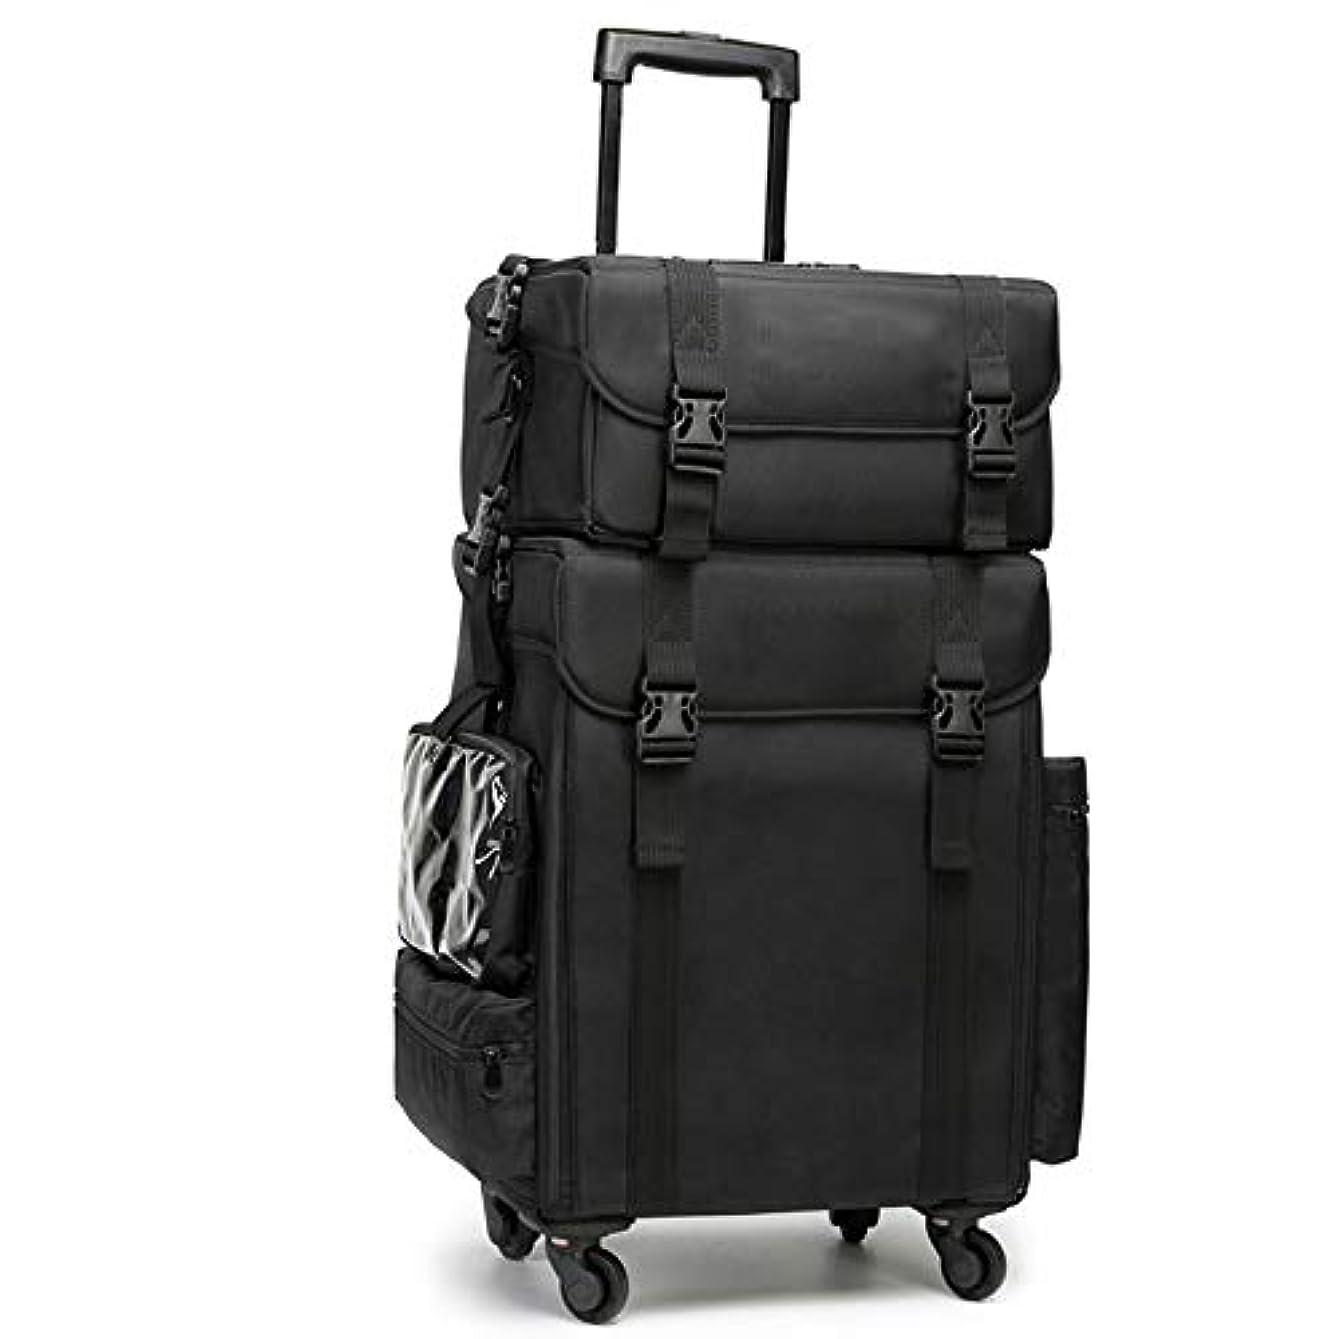 細心の興奮知るGOGOS メイクボックス 大容量 プロ仕様 コスメボックス スーツケース型 化粧品収納ボックス 美容師 アーティスト バッグ ケース 4輪 キャスター付き 防水 出張 携帯 便利